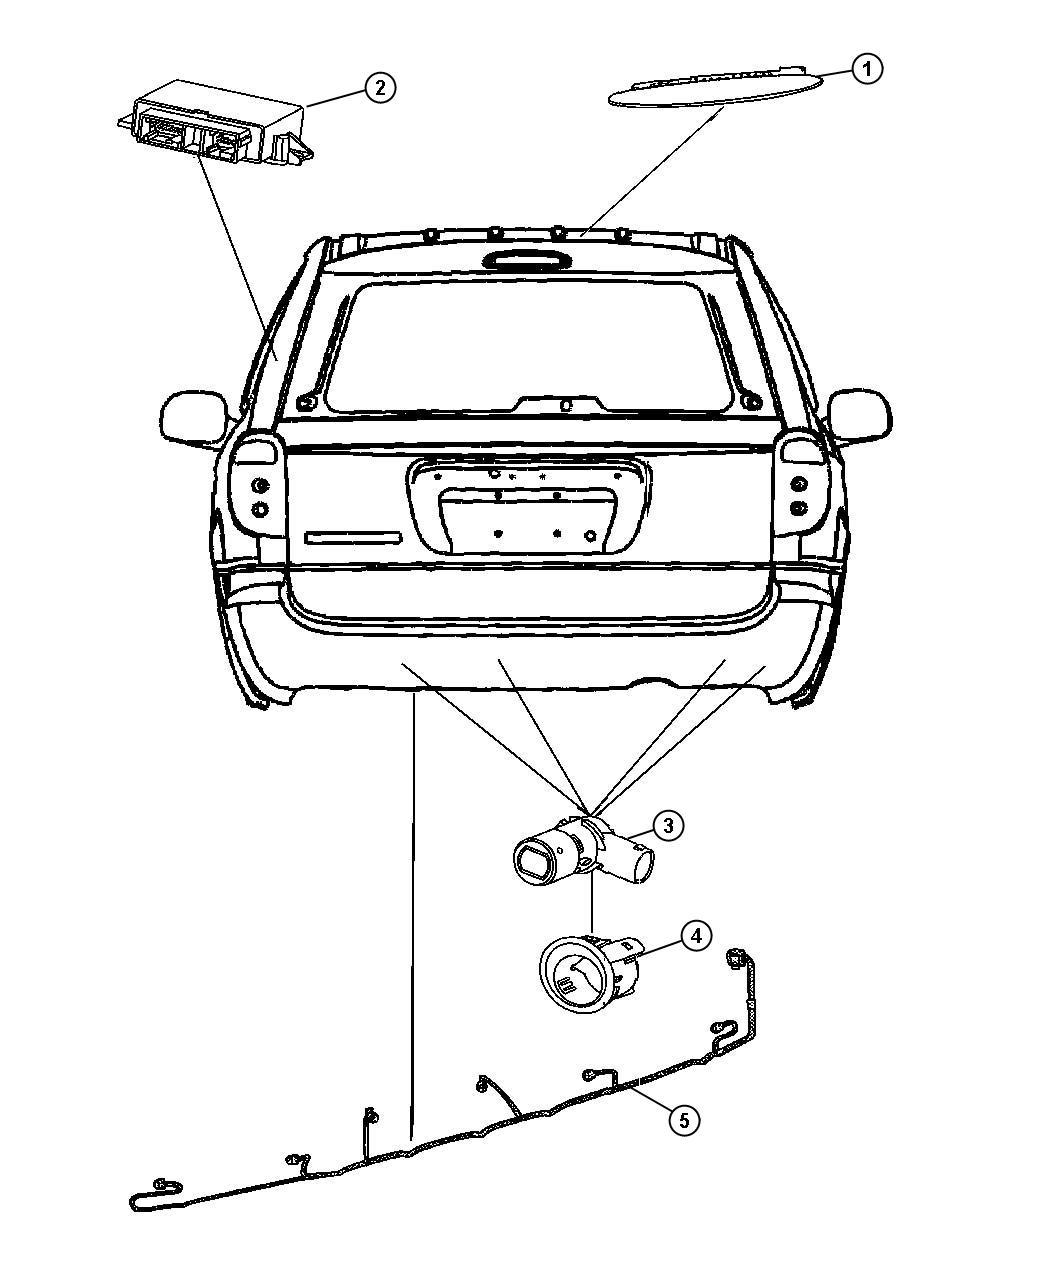 Dodge Caravan Wiring Rear Fascia Park Assist Sensor